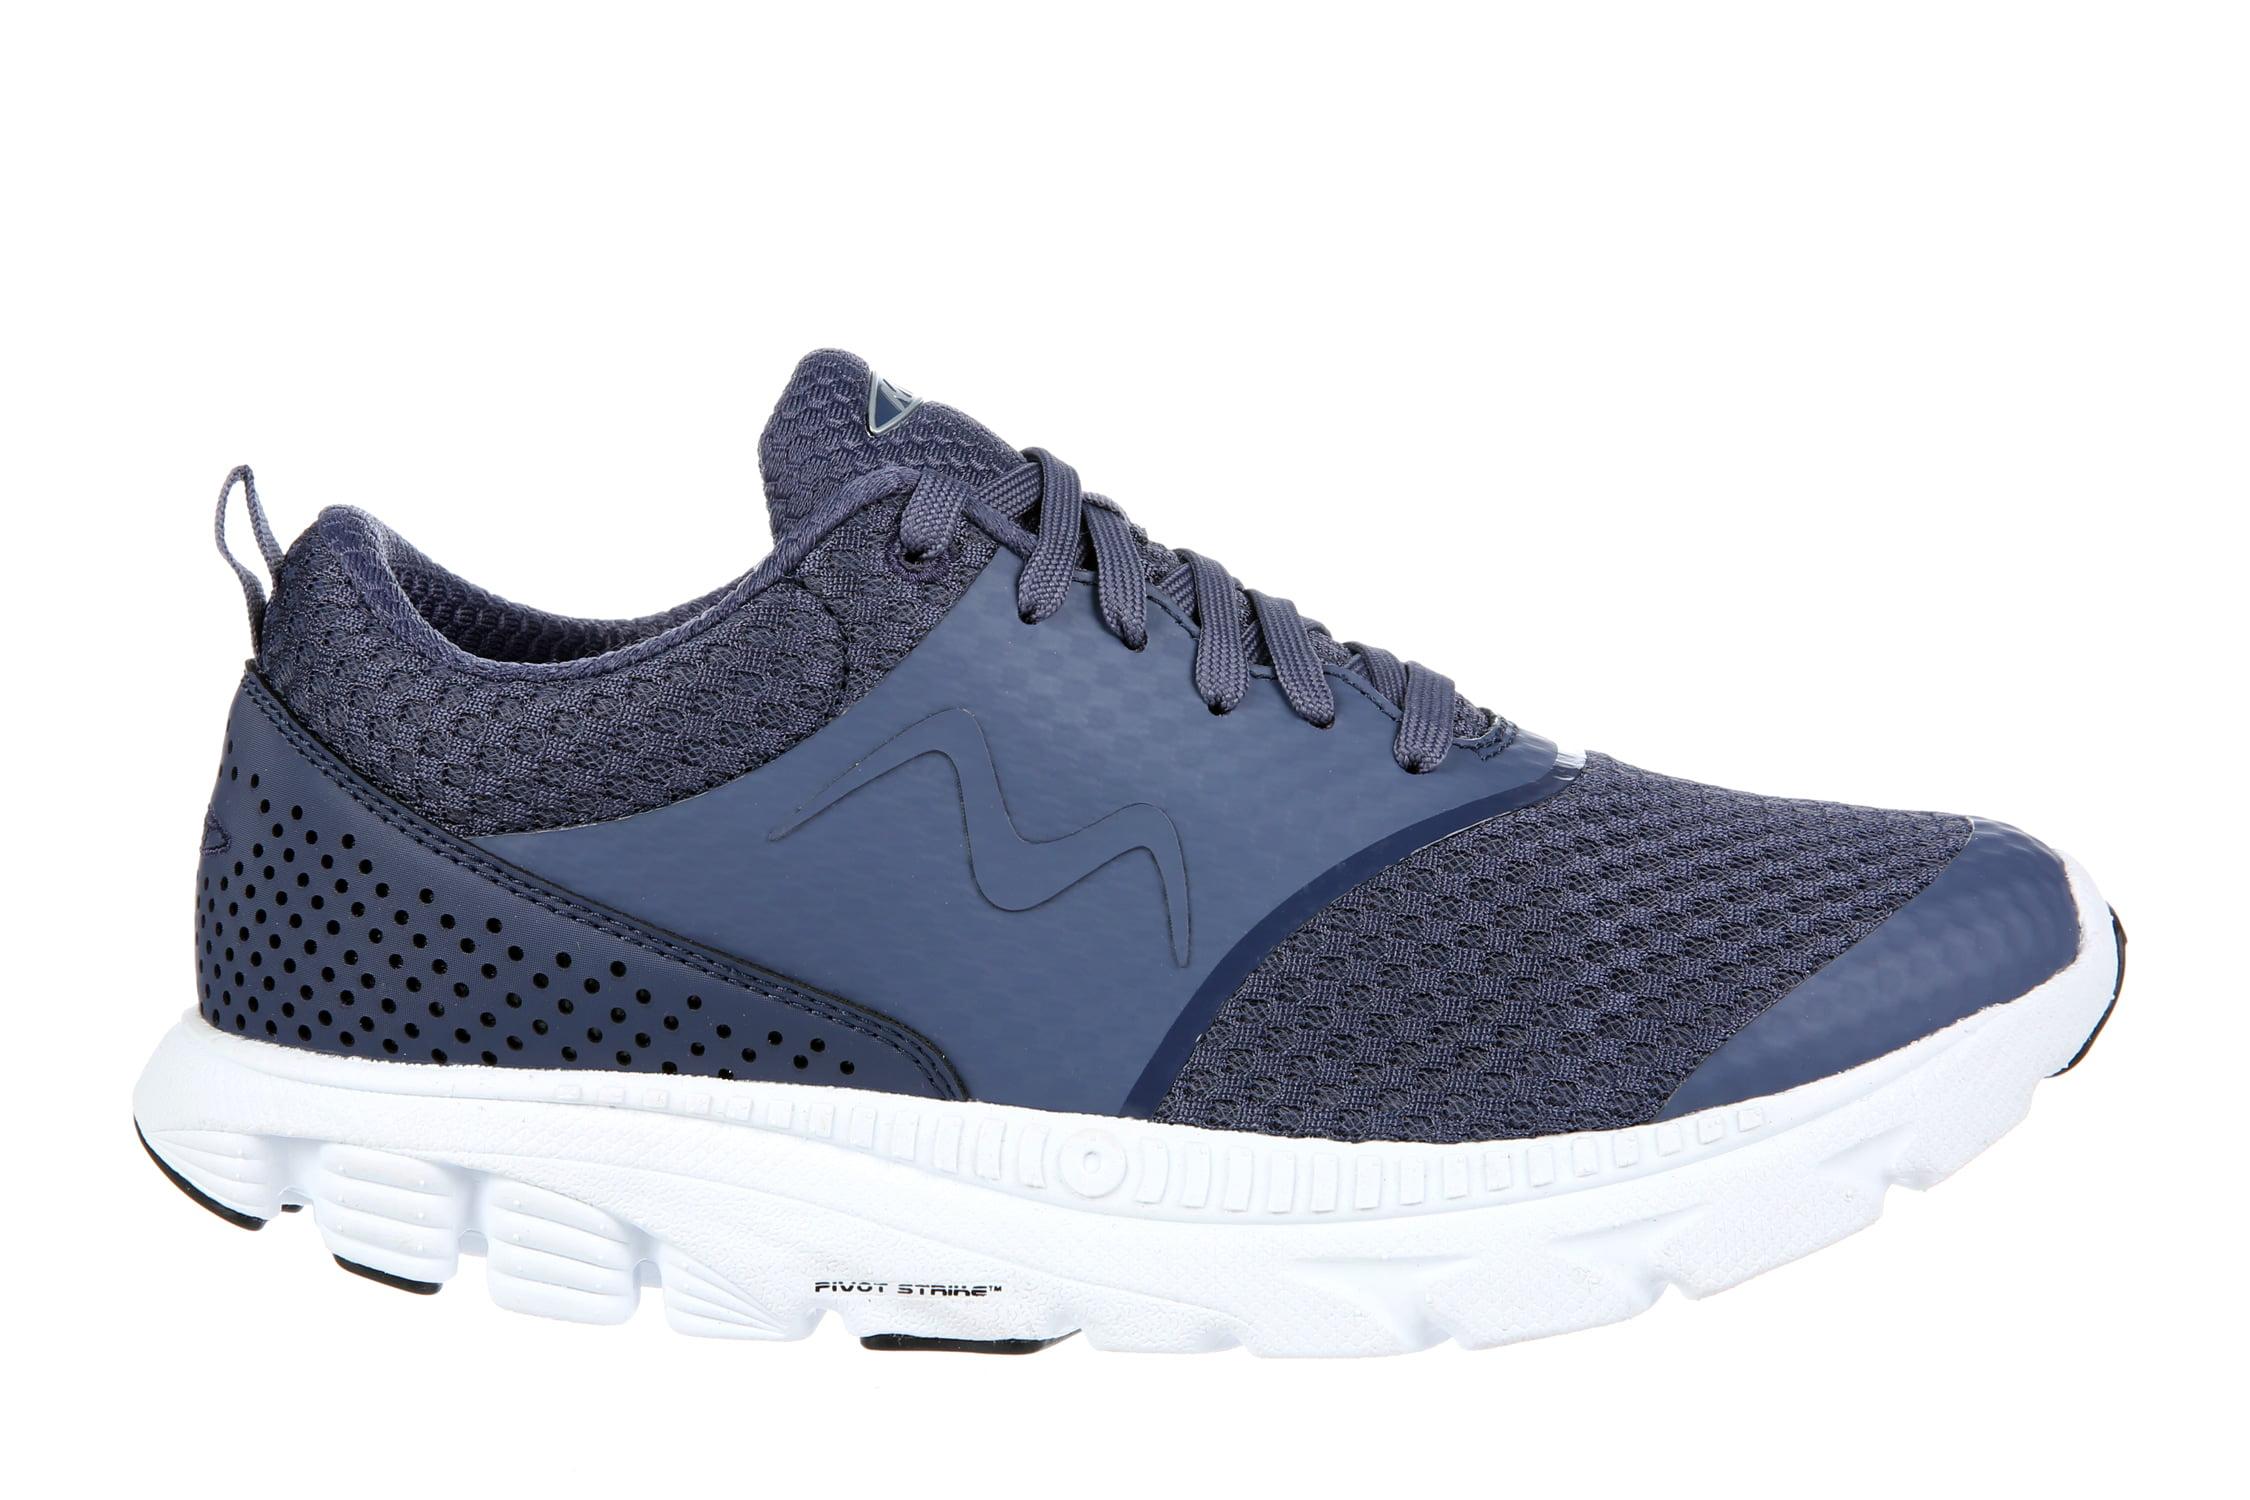 1ce3b370001d MBT Shoes Women s Speed 17 Lace Up Athletic Shoe  7.5 Medium (B ...